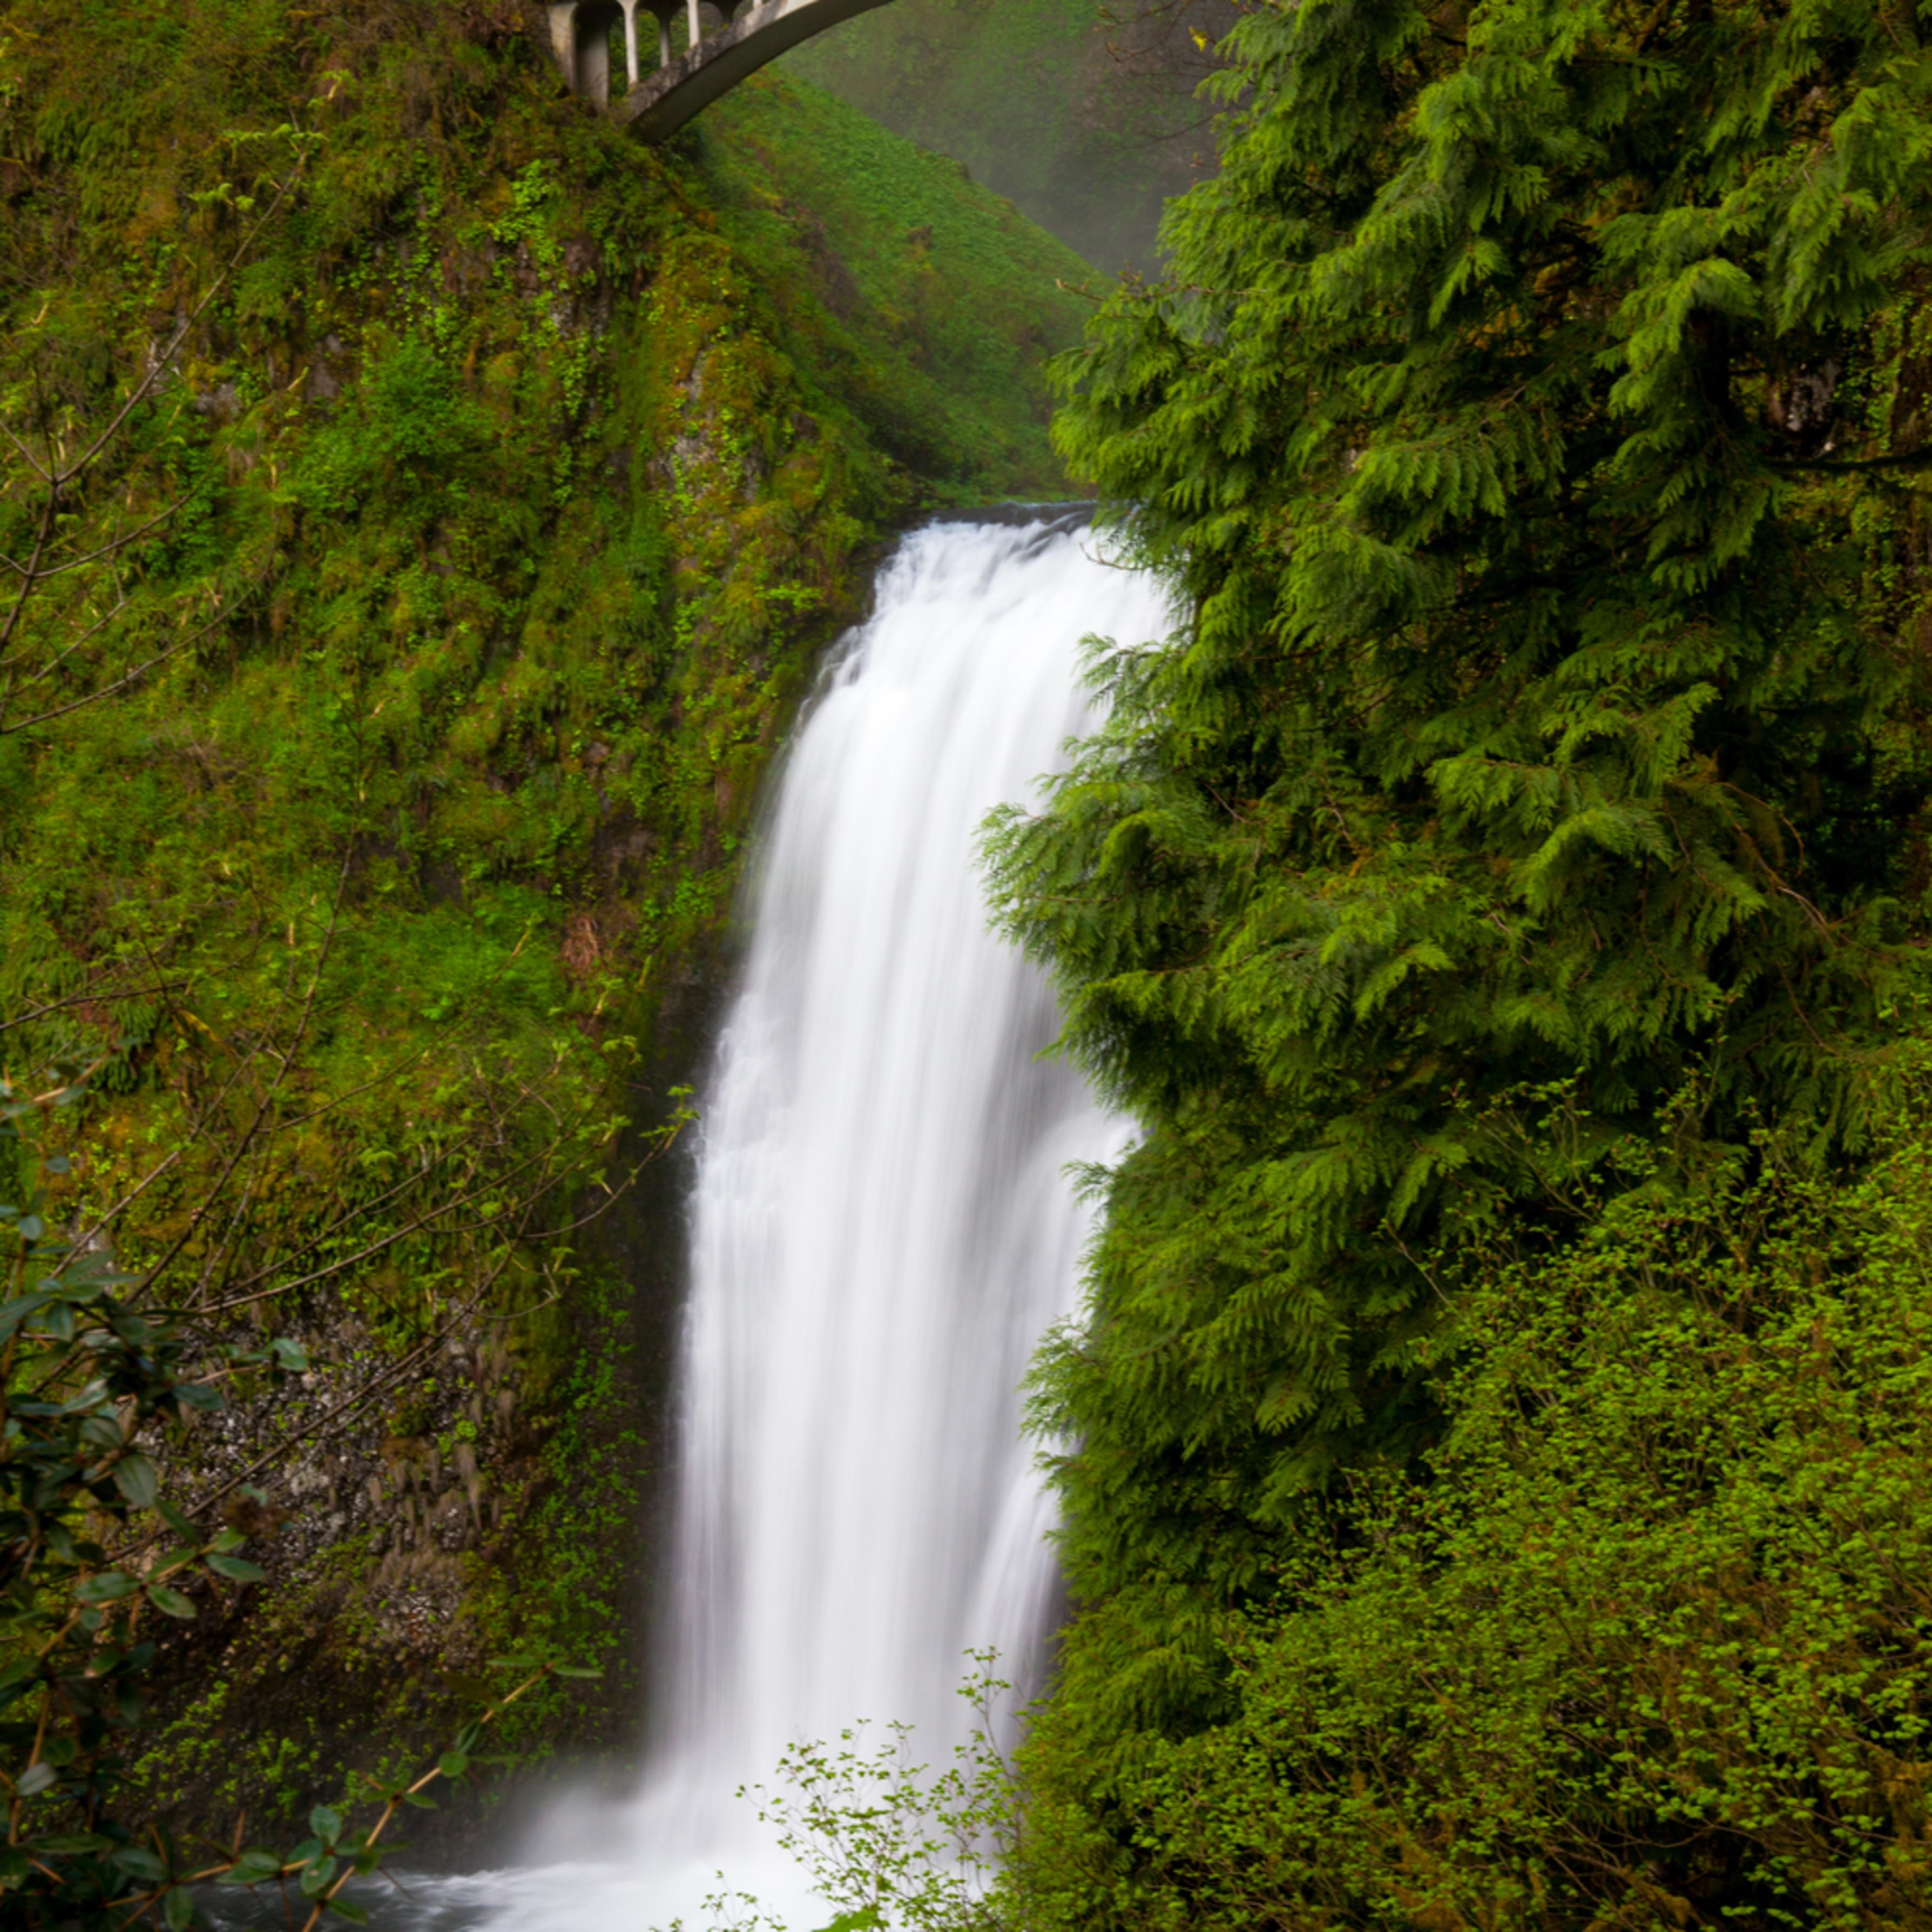 Oregon 20090511 032 mhstho